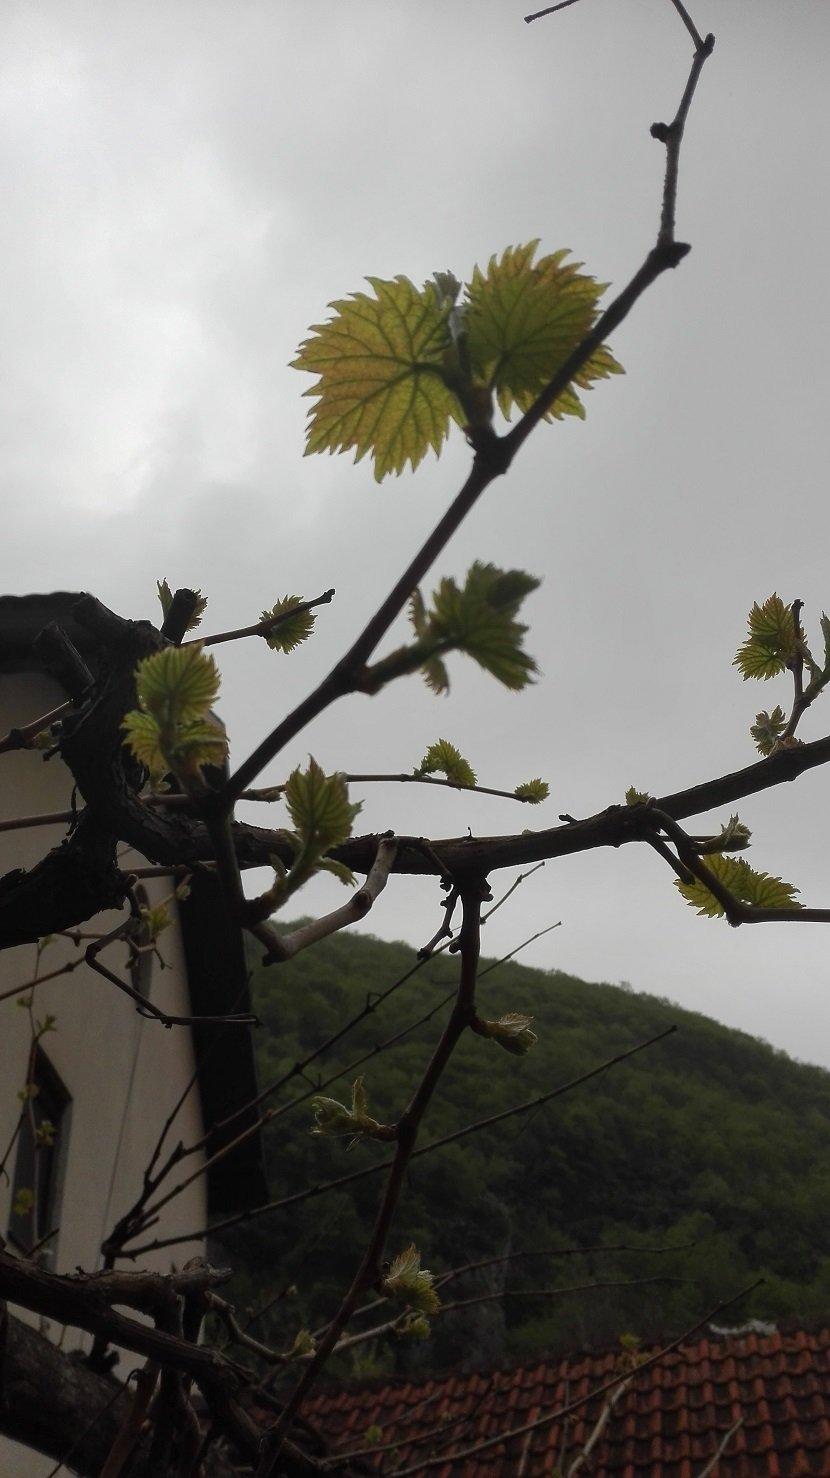 Ilustracija: vinova loza početak vegetacije lastar